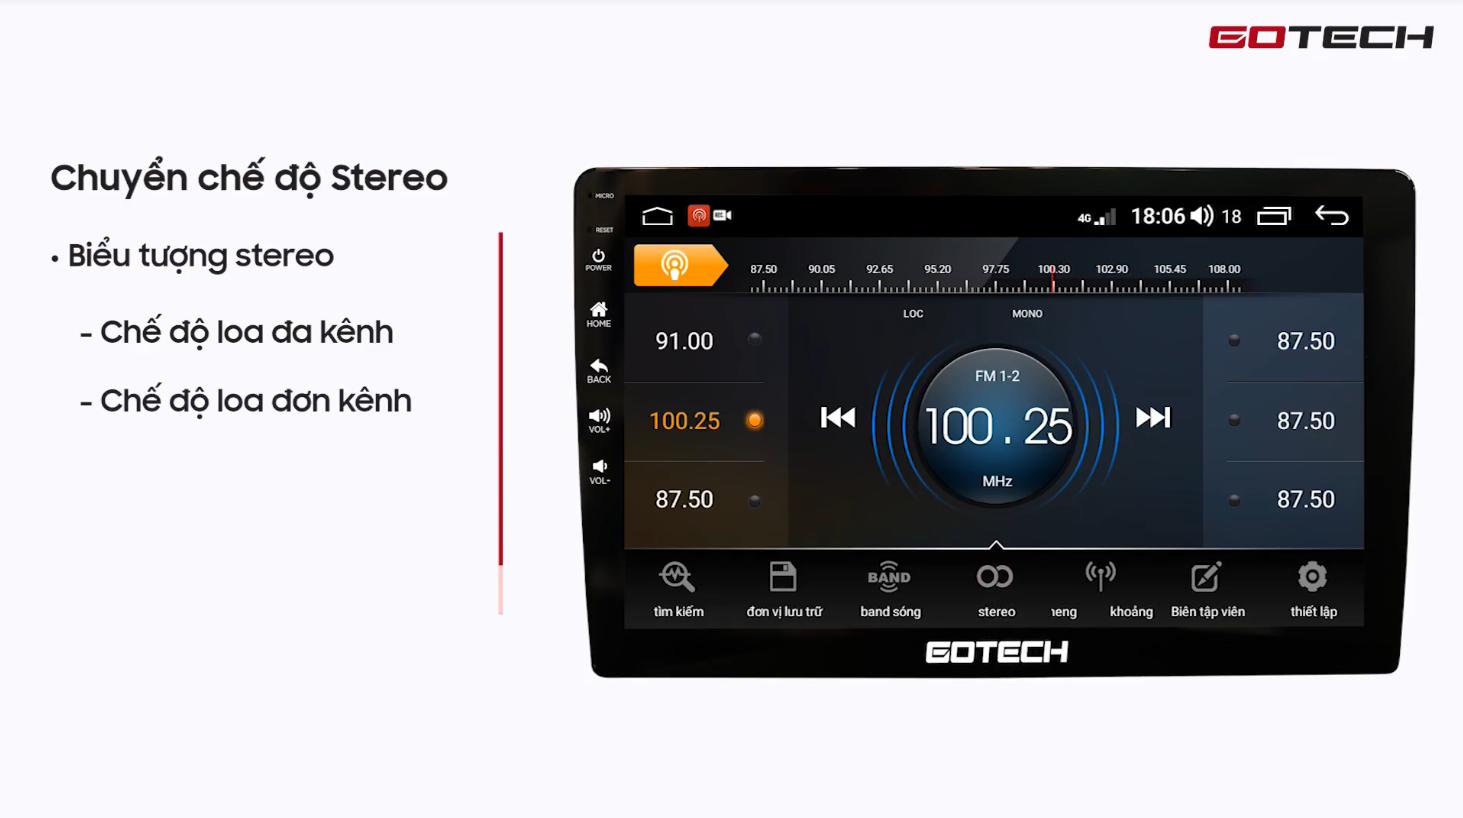 Hướng dẫn nghe Radio trên màn hình Gotech